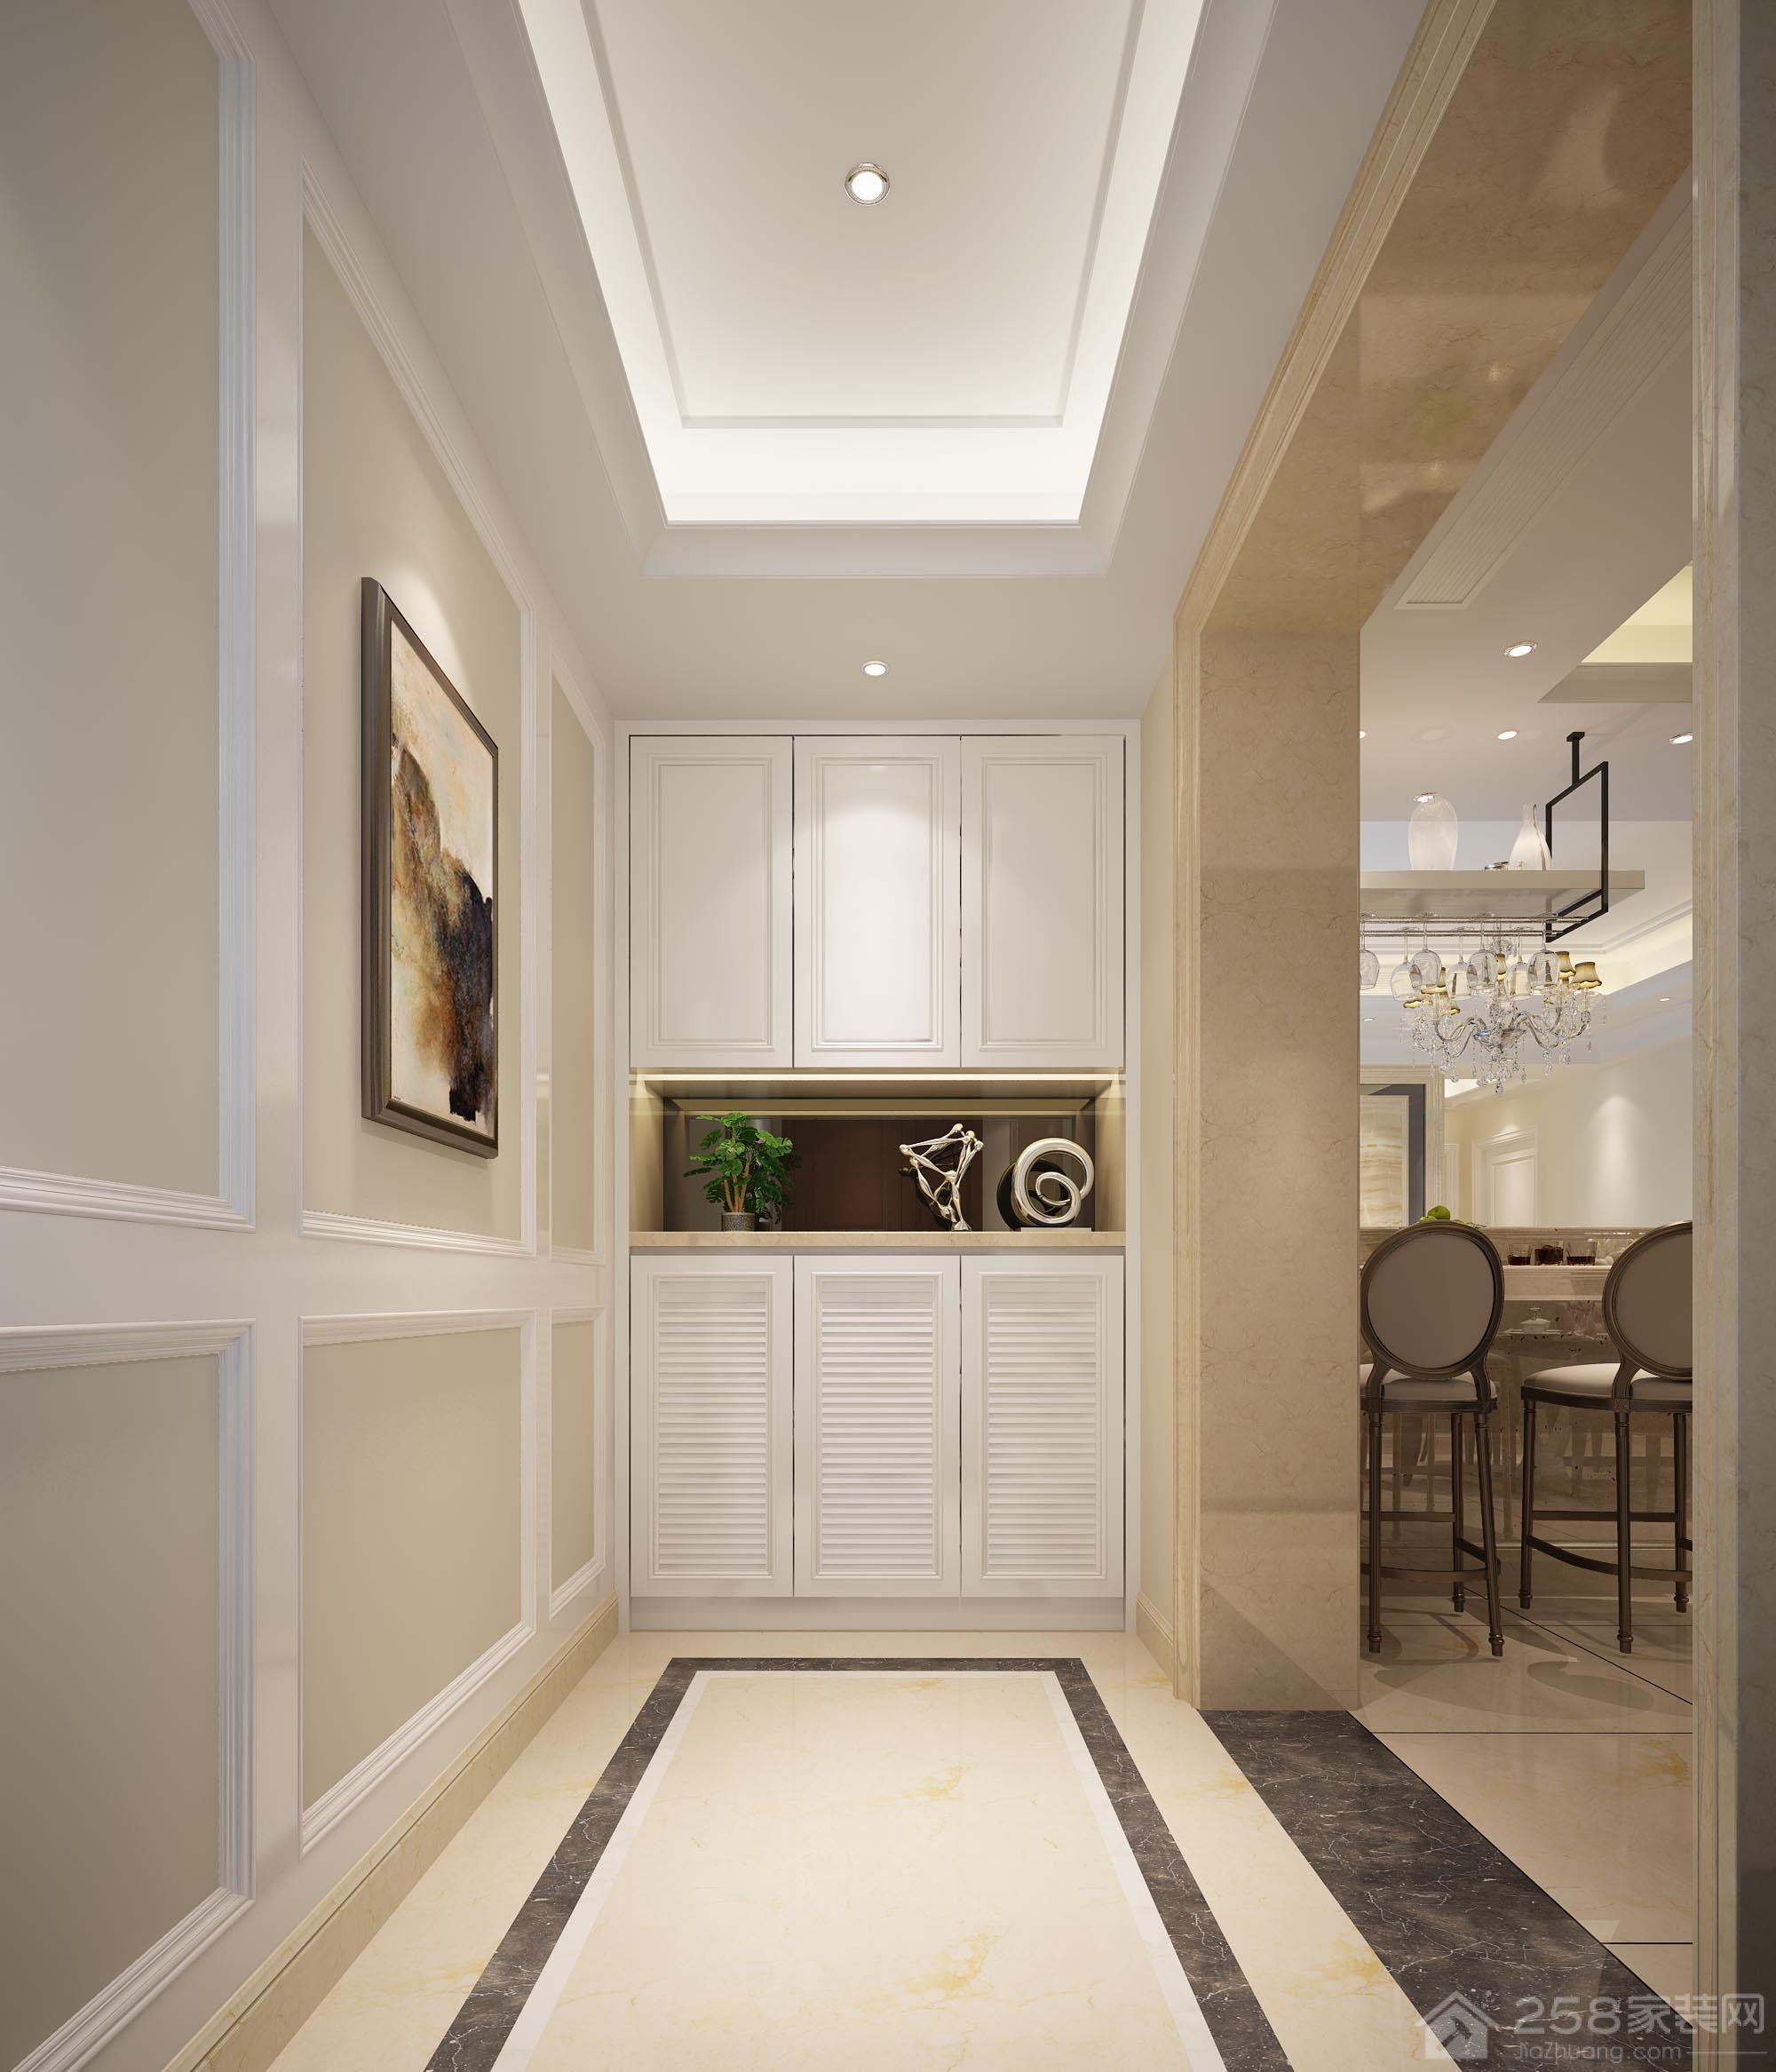 简约清新白色进门玄关鞋柜设计效果图